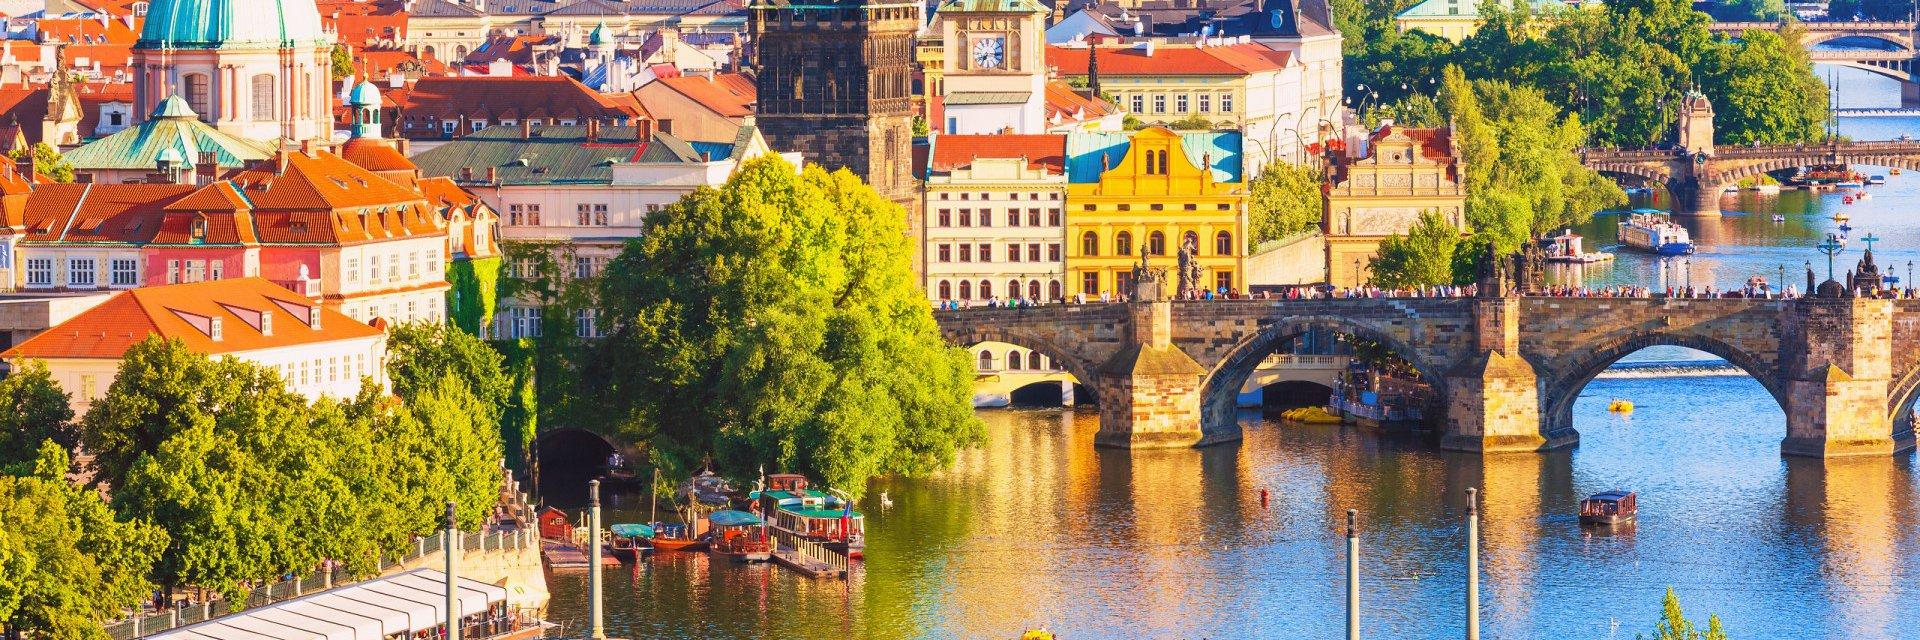 Туры в Чехию 2019, путевки из Москвы - цены на отдых в Чехии - ПАКС